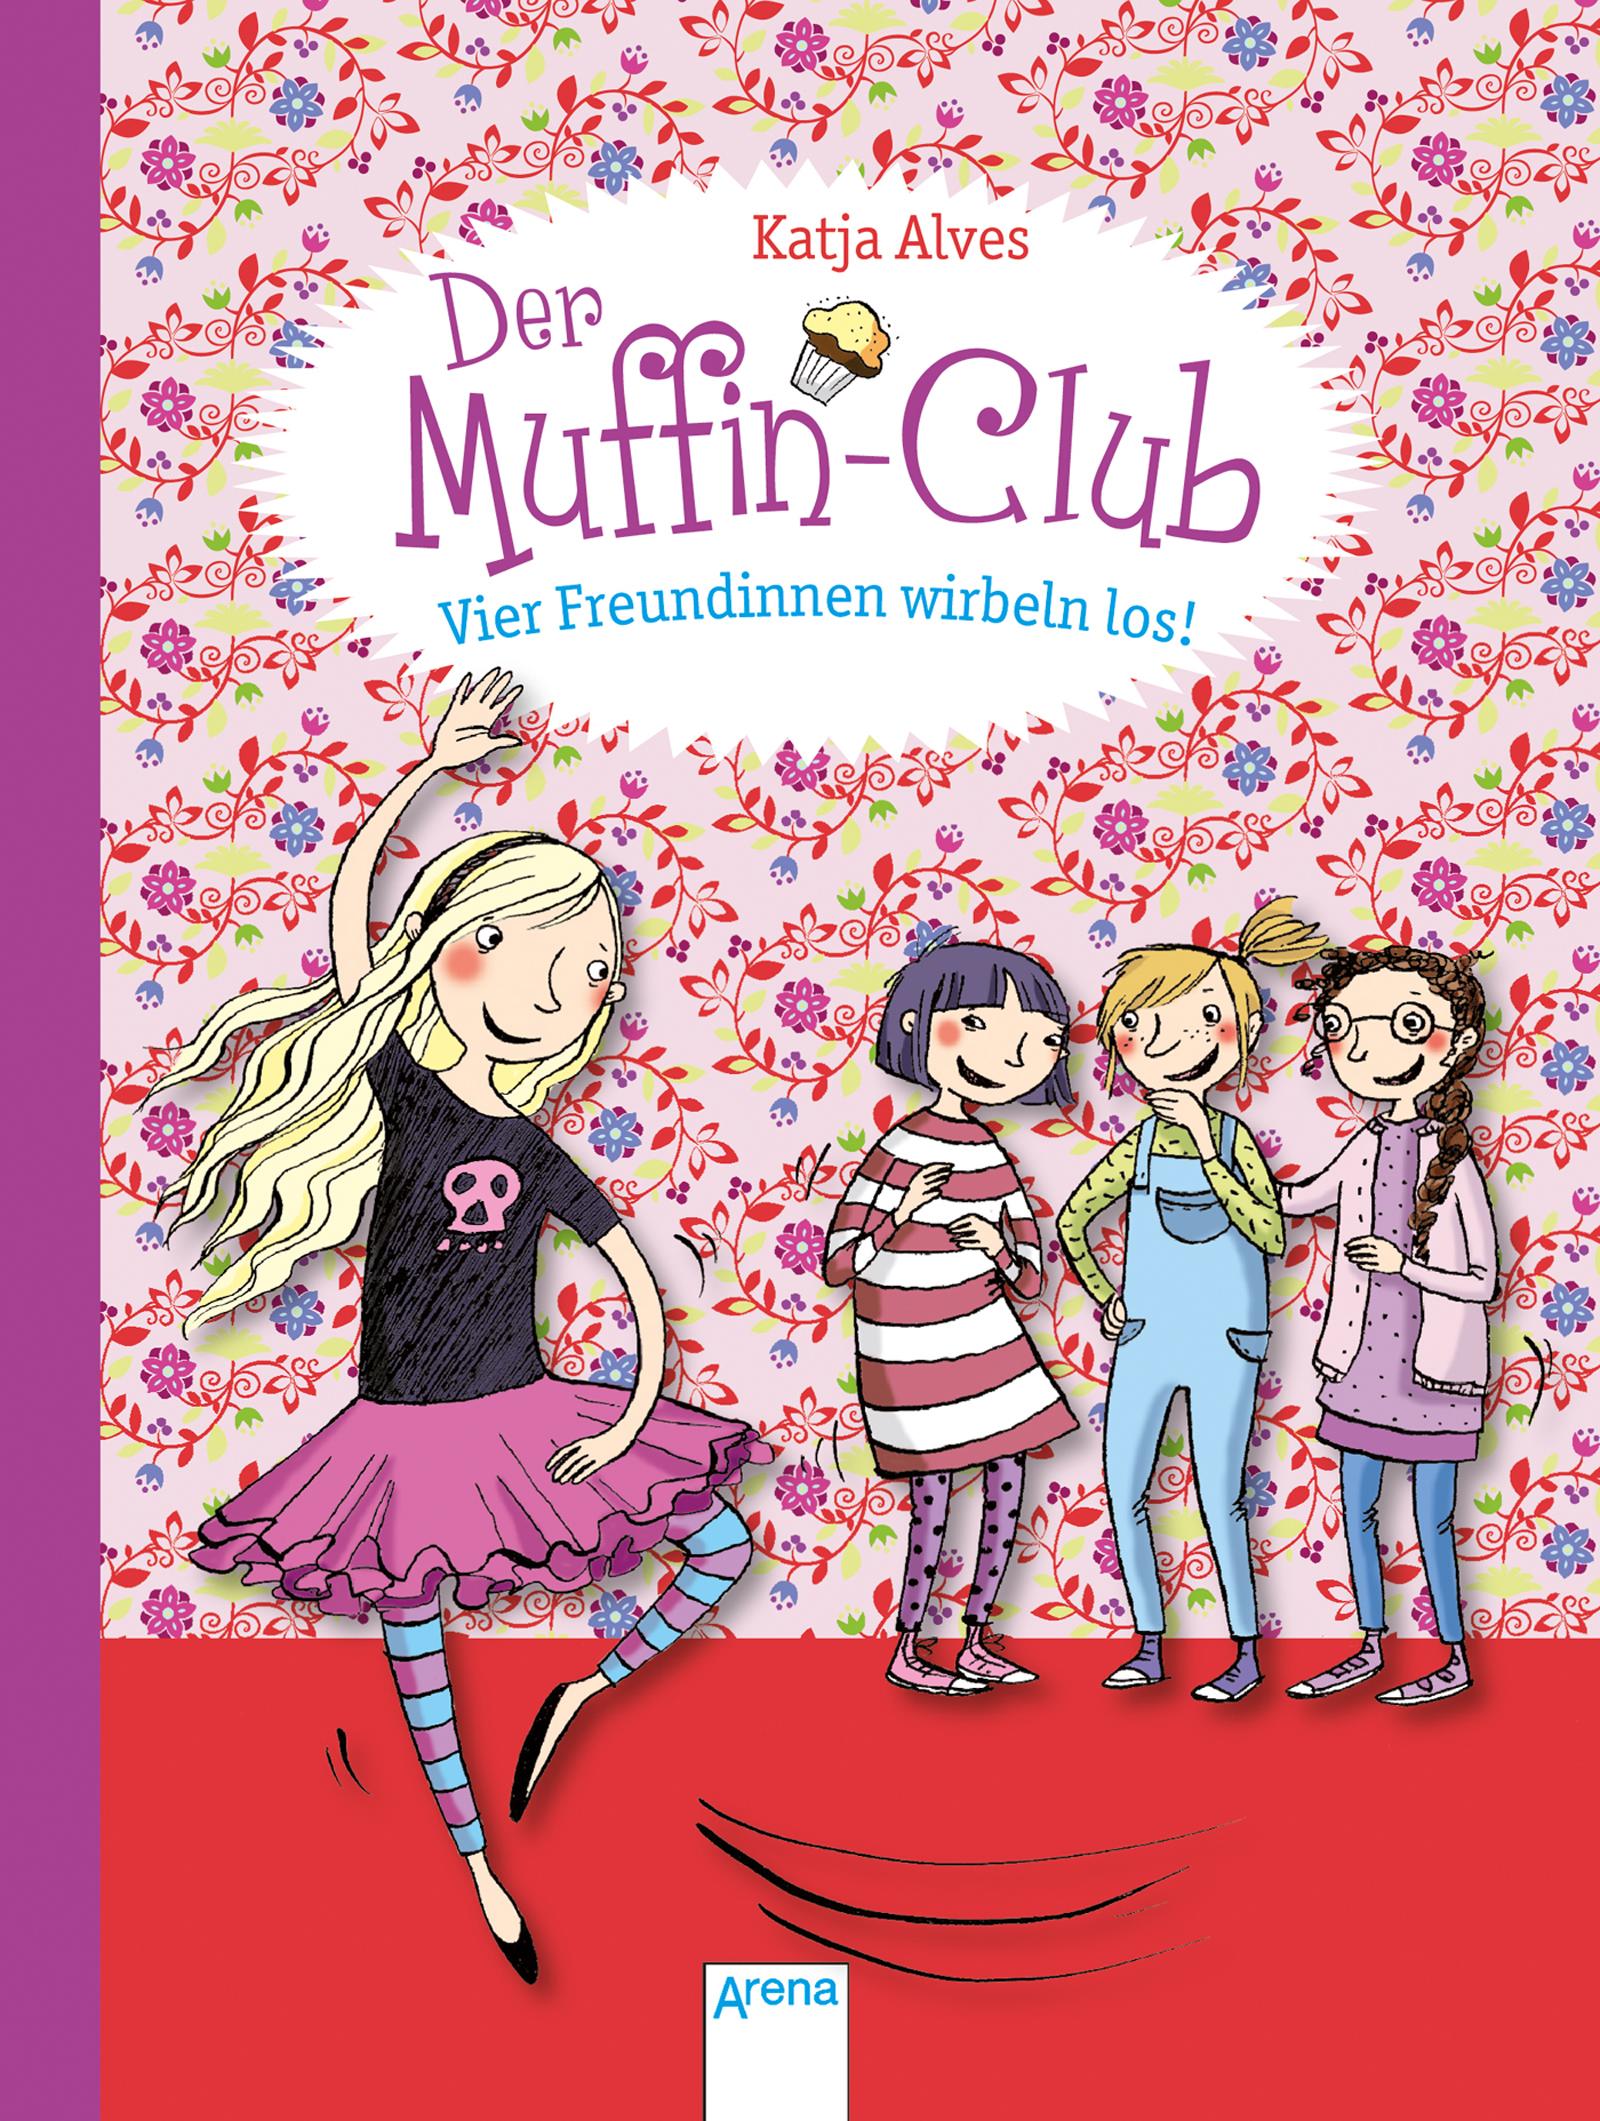 Der Muffin-Club - Vier Freundinnen wirbeln los! Katja Alves 9783401701301